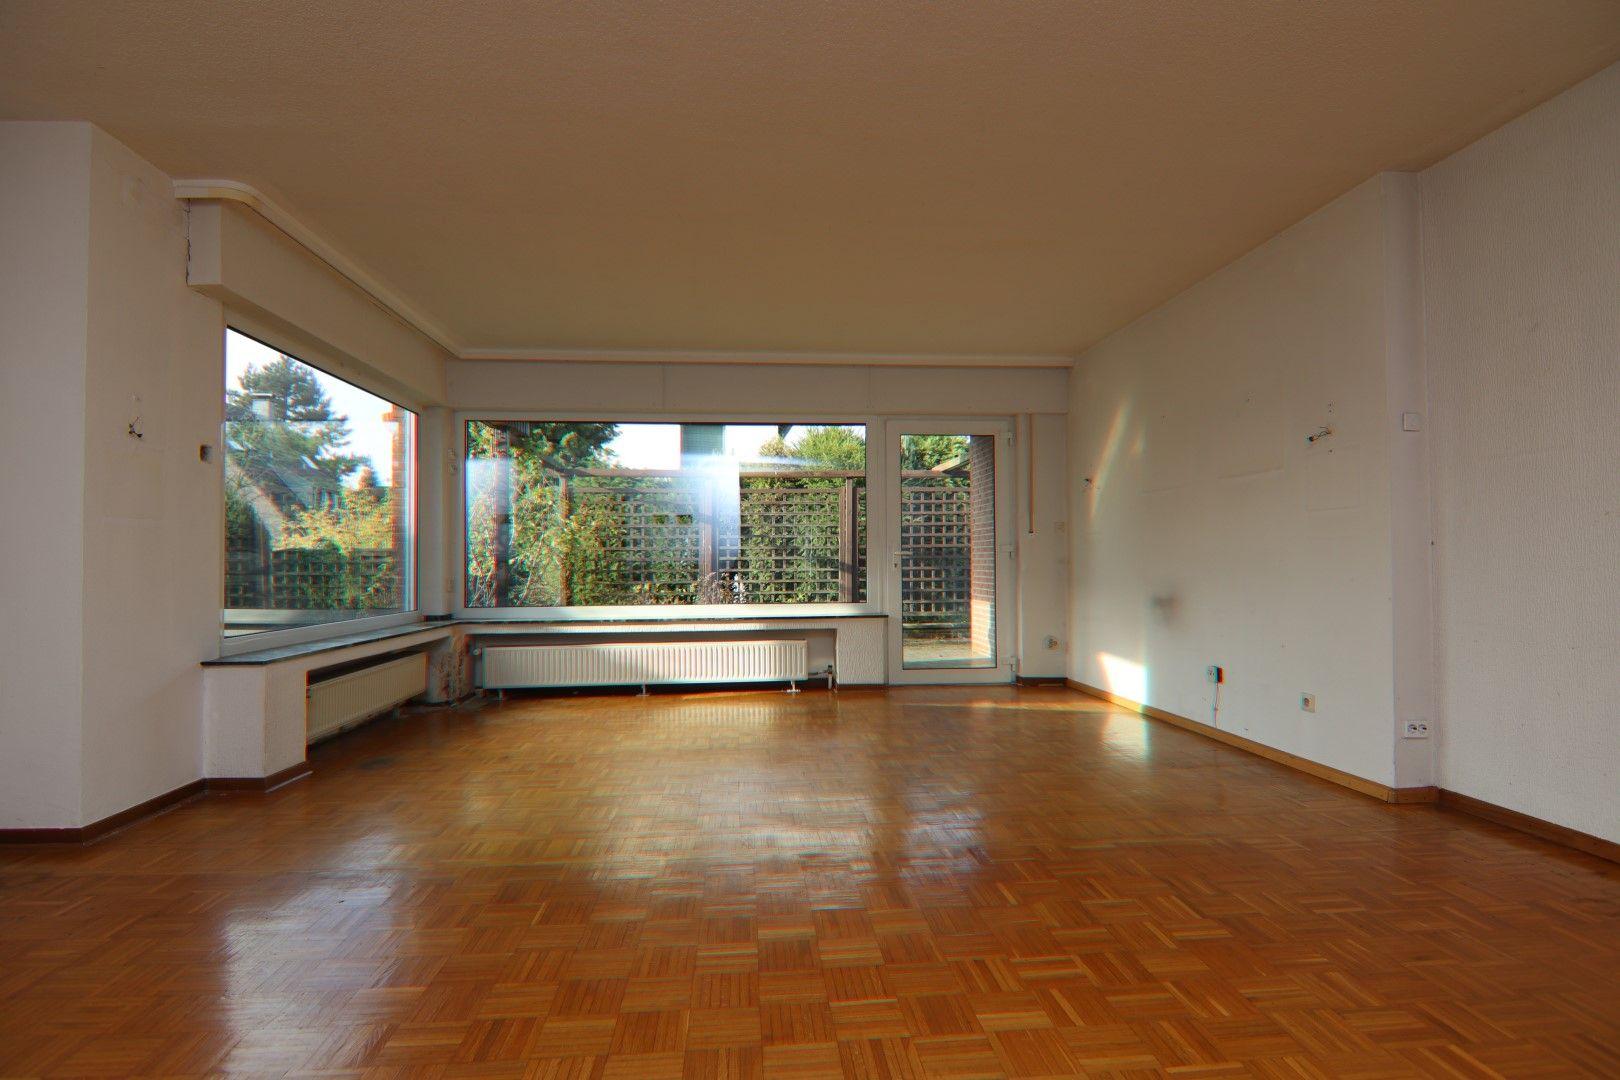 Immobilie Nr.0279 - Freistehendes EFH mit Anbau, Keller und Garage - Bild 4.jpg